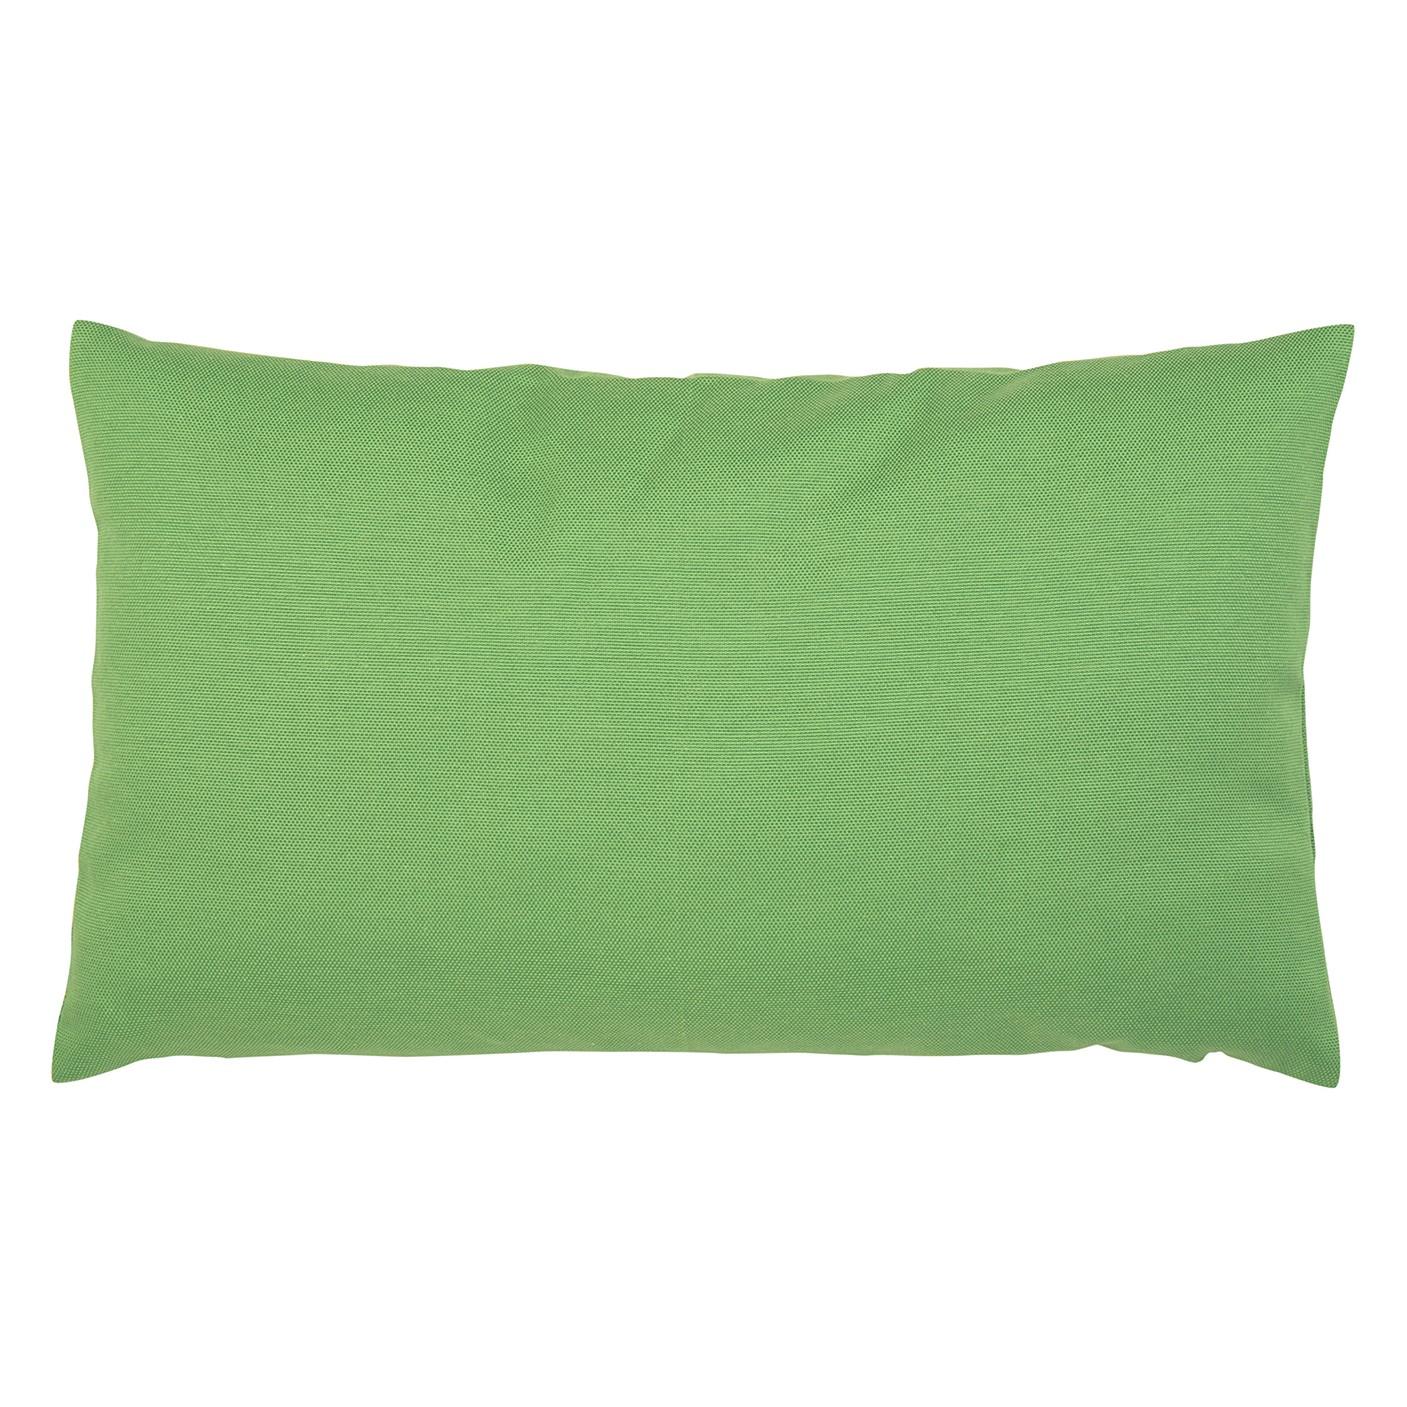 Kissen Juno - Baumwollmischgewebe - Grün - 30 x 50 cm